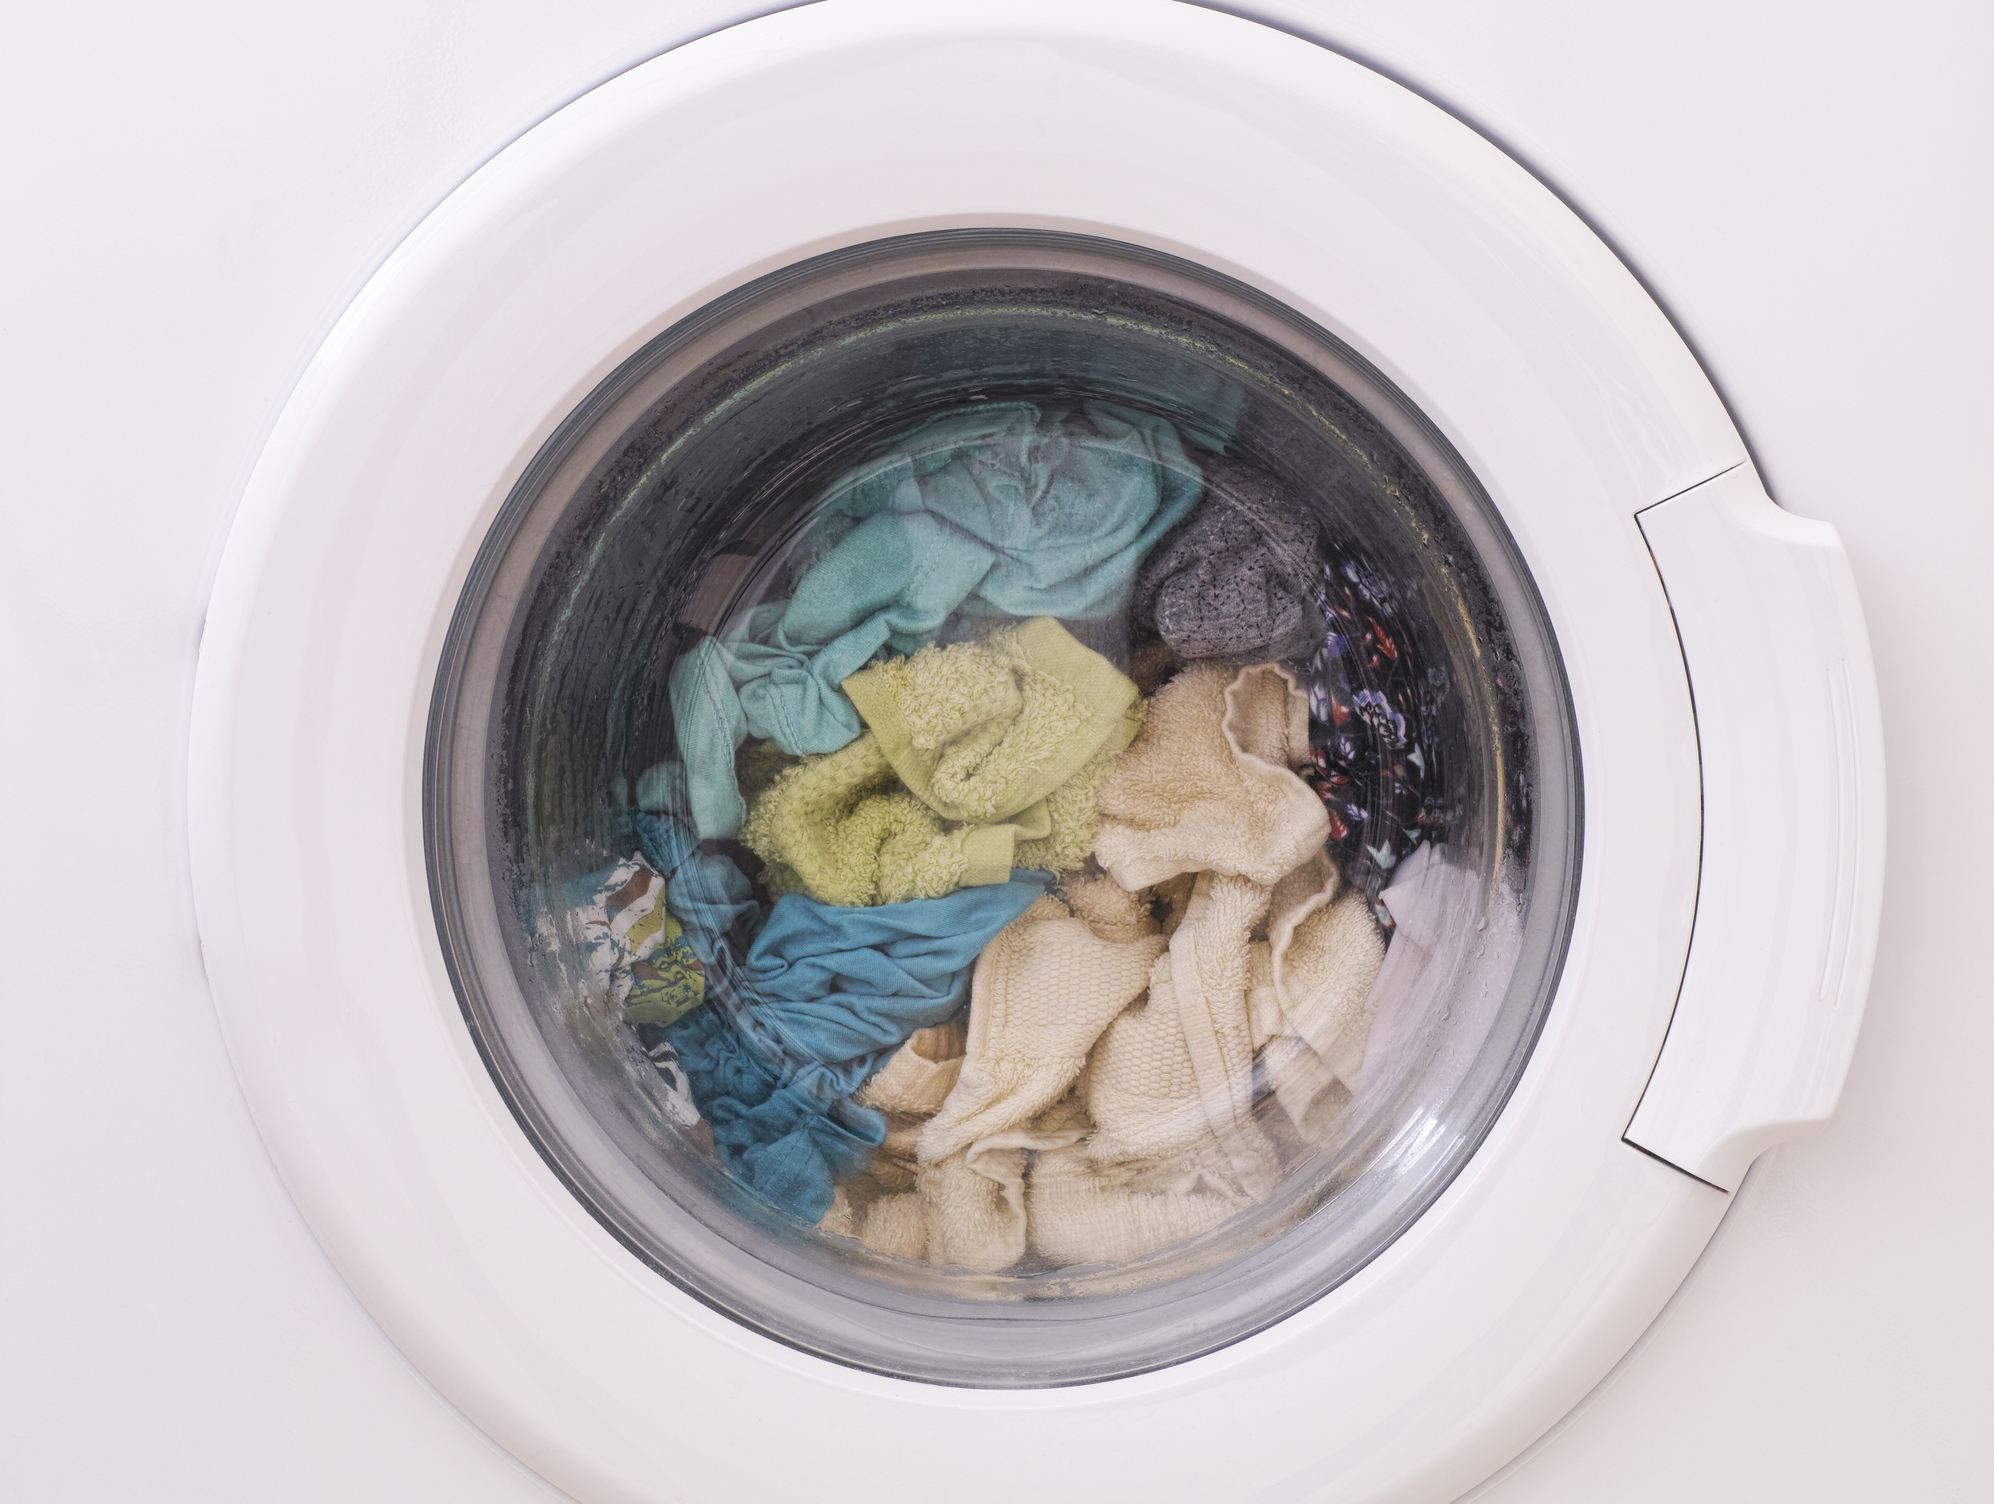 Изпраните дрехи в пералнята<br /> Най-добре е веднага, щом прането е готово, да се сложи да се суши. Мокрите дрехи бързо събират бактерии и започват да миришат неприятно.